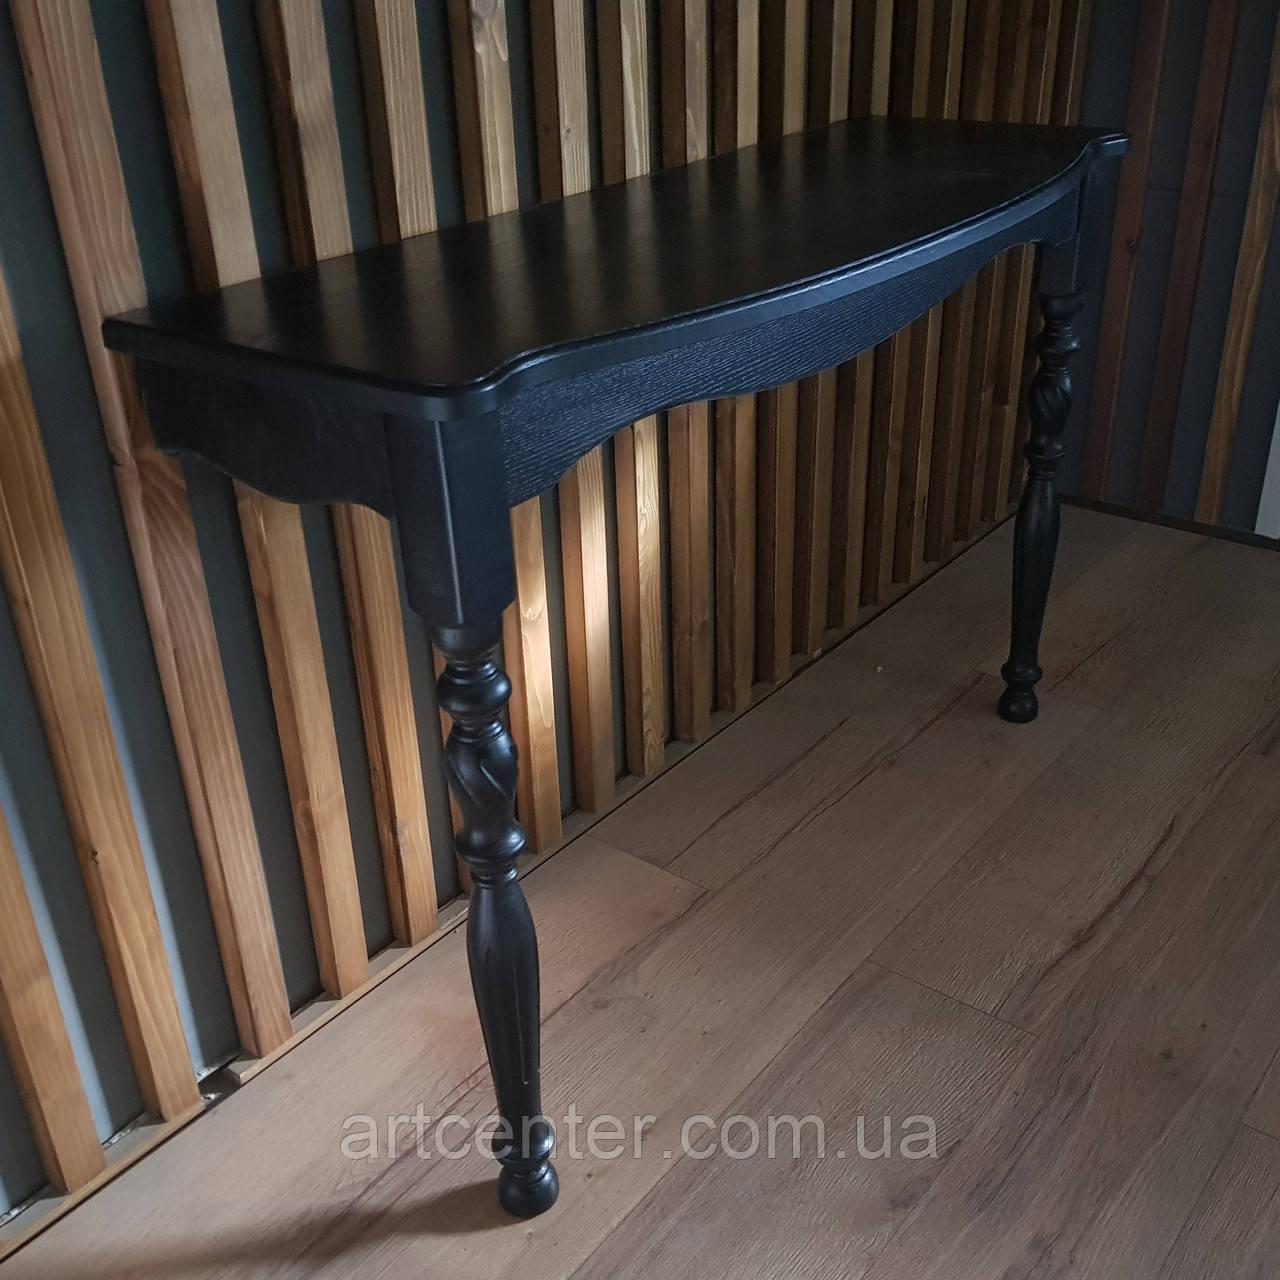 Приставной консольный стол черного цвета  с фигурными ножками